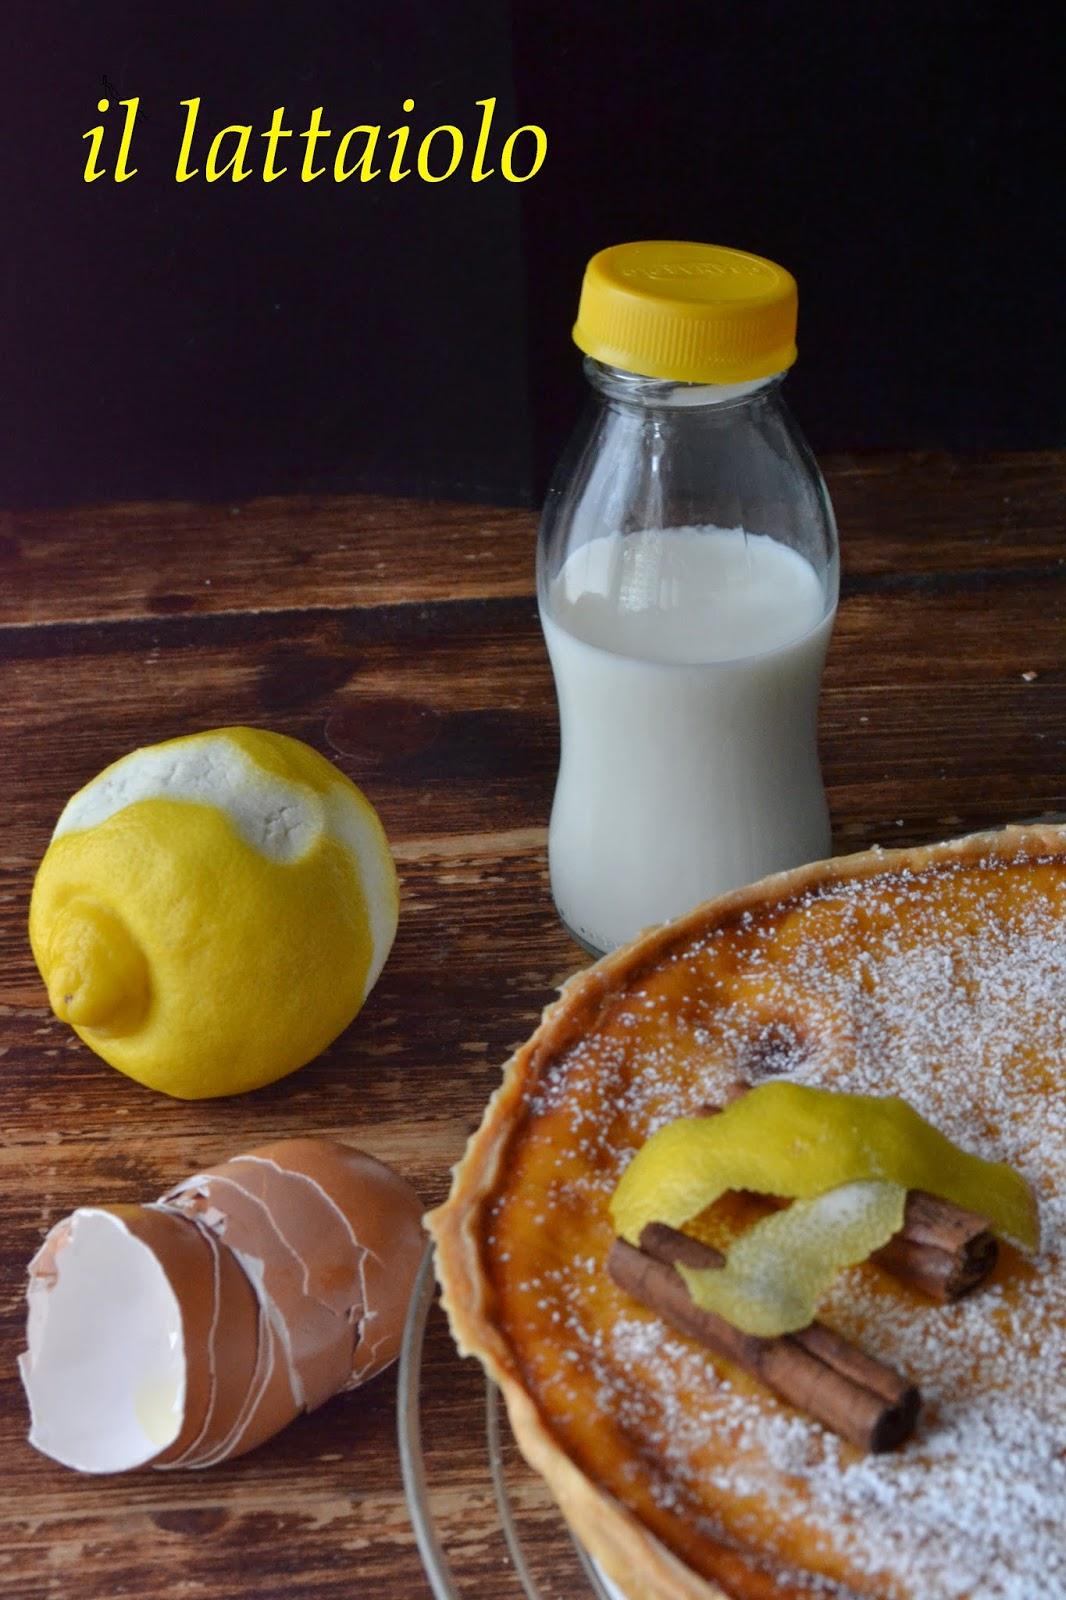 il lattaiolo in pasta matta: ricetta tipica delle marche